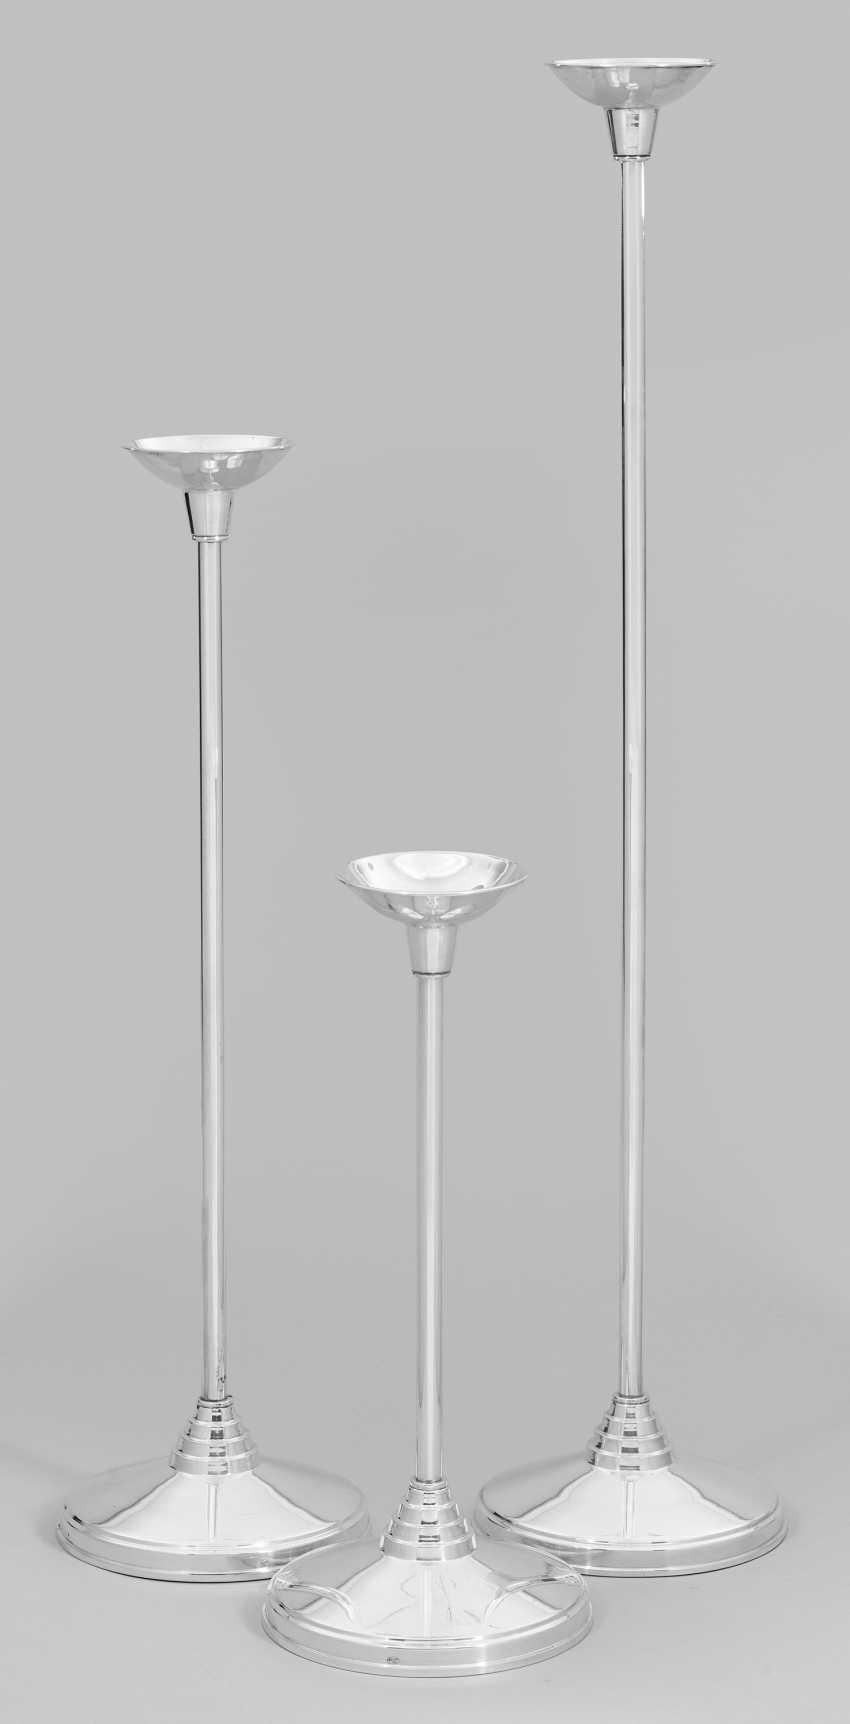 Three modern stand chandelier - photo 1